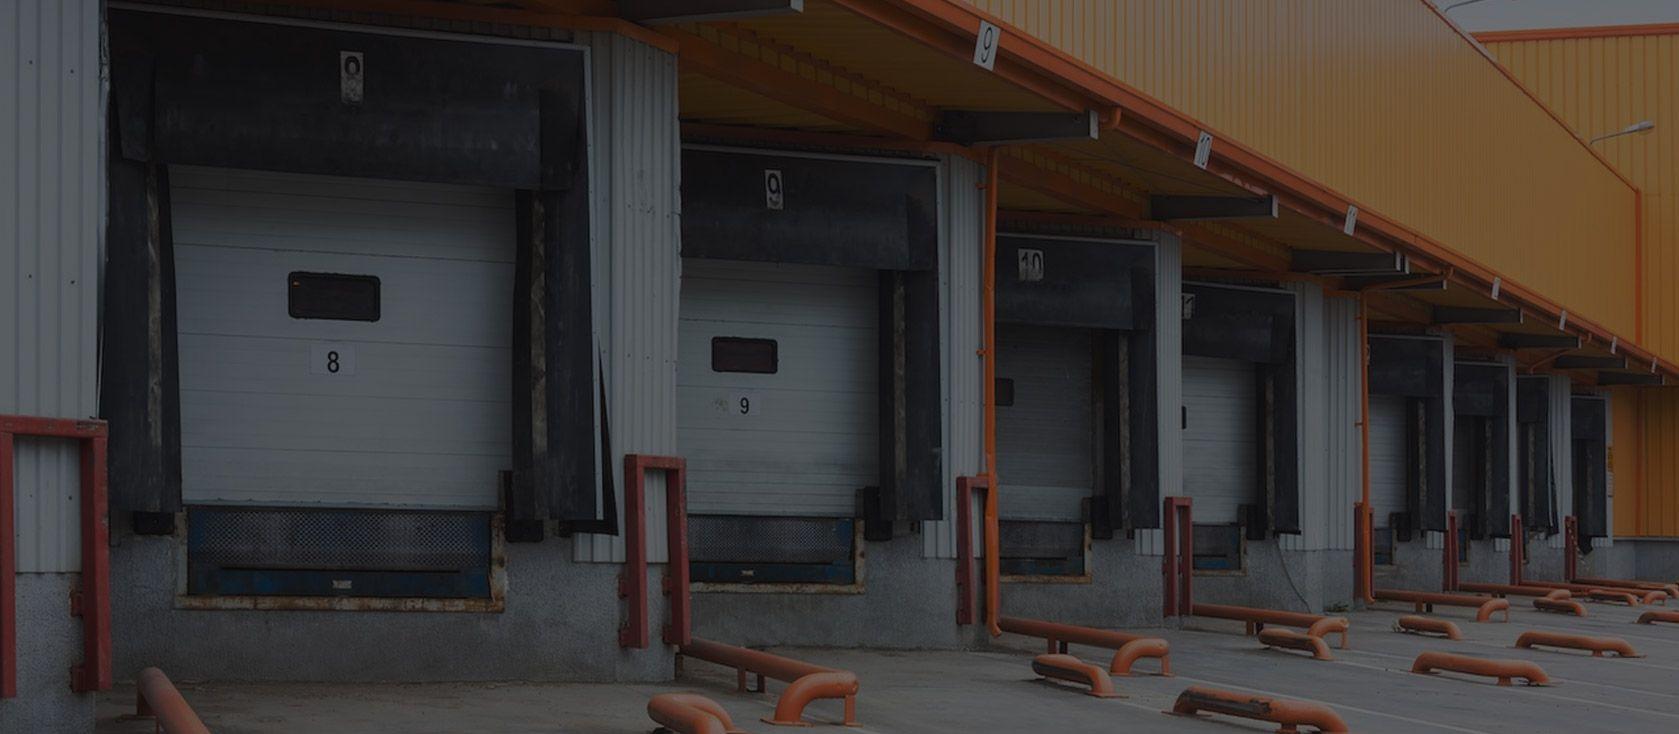 Industrial Door Systems, Houston, TX in 2020 Industrial